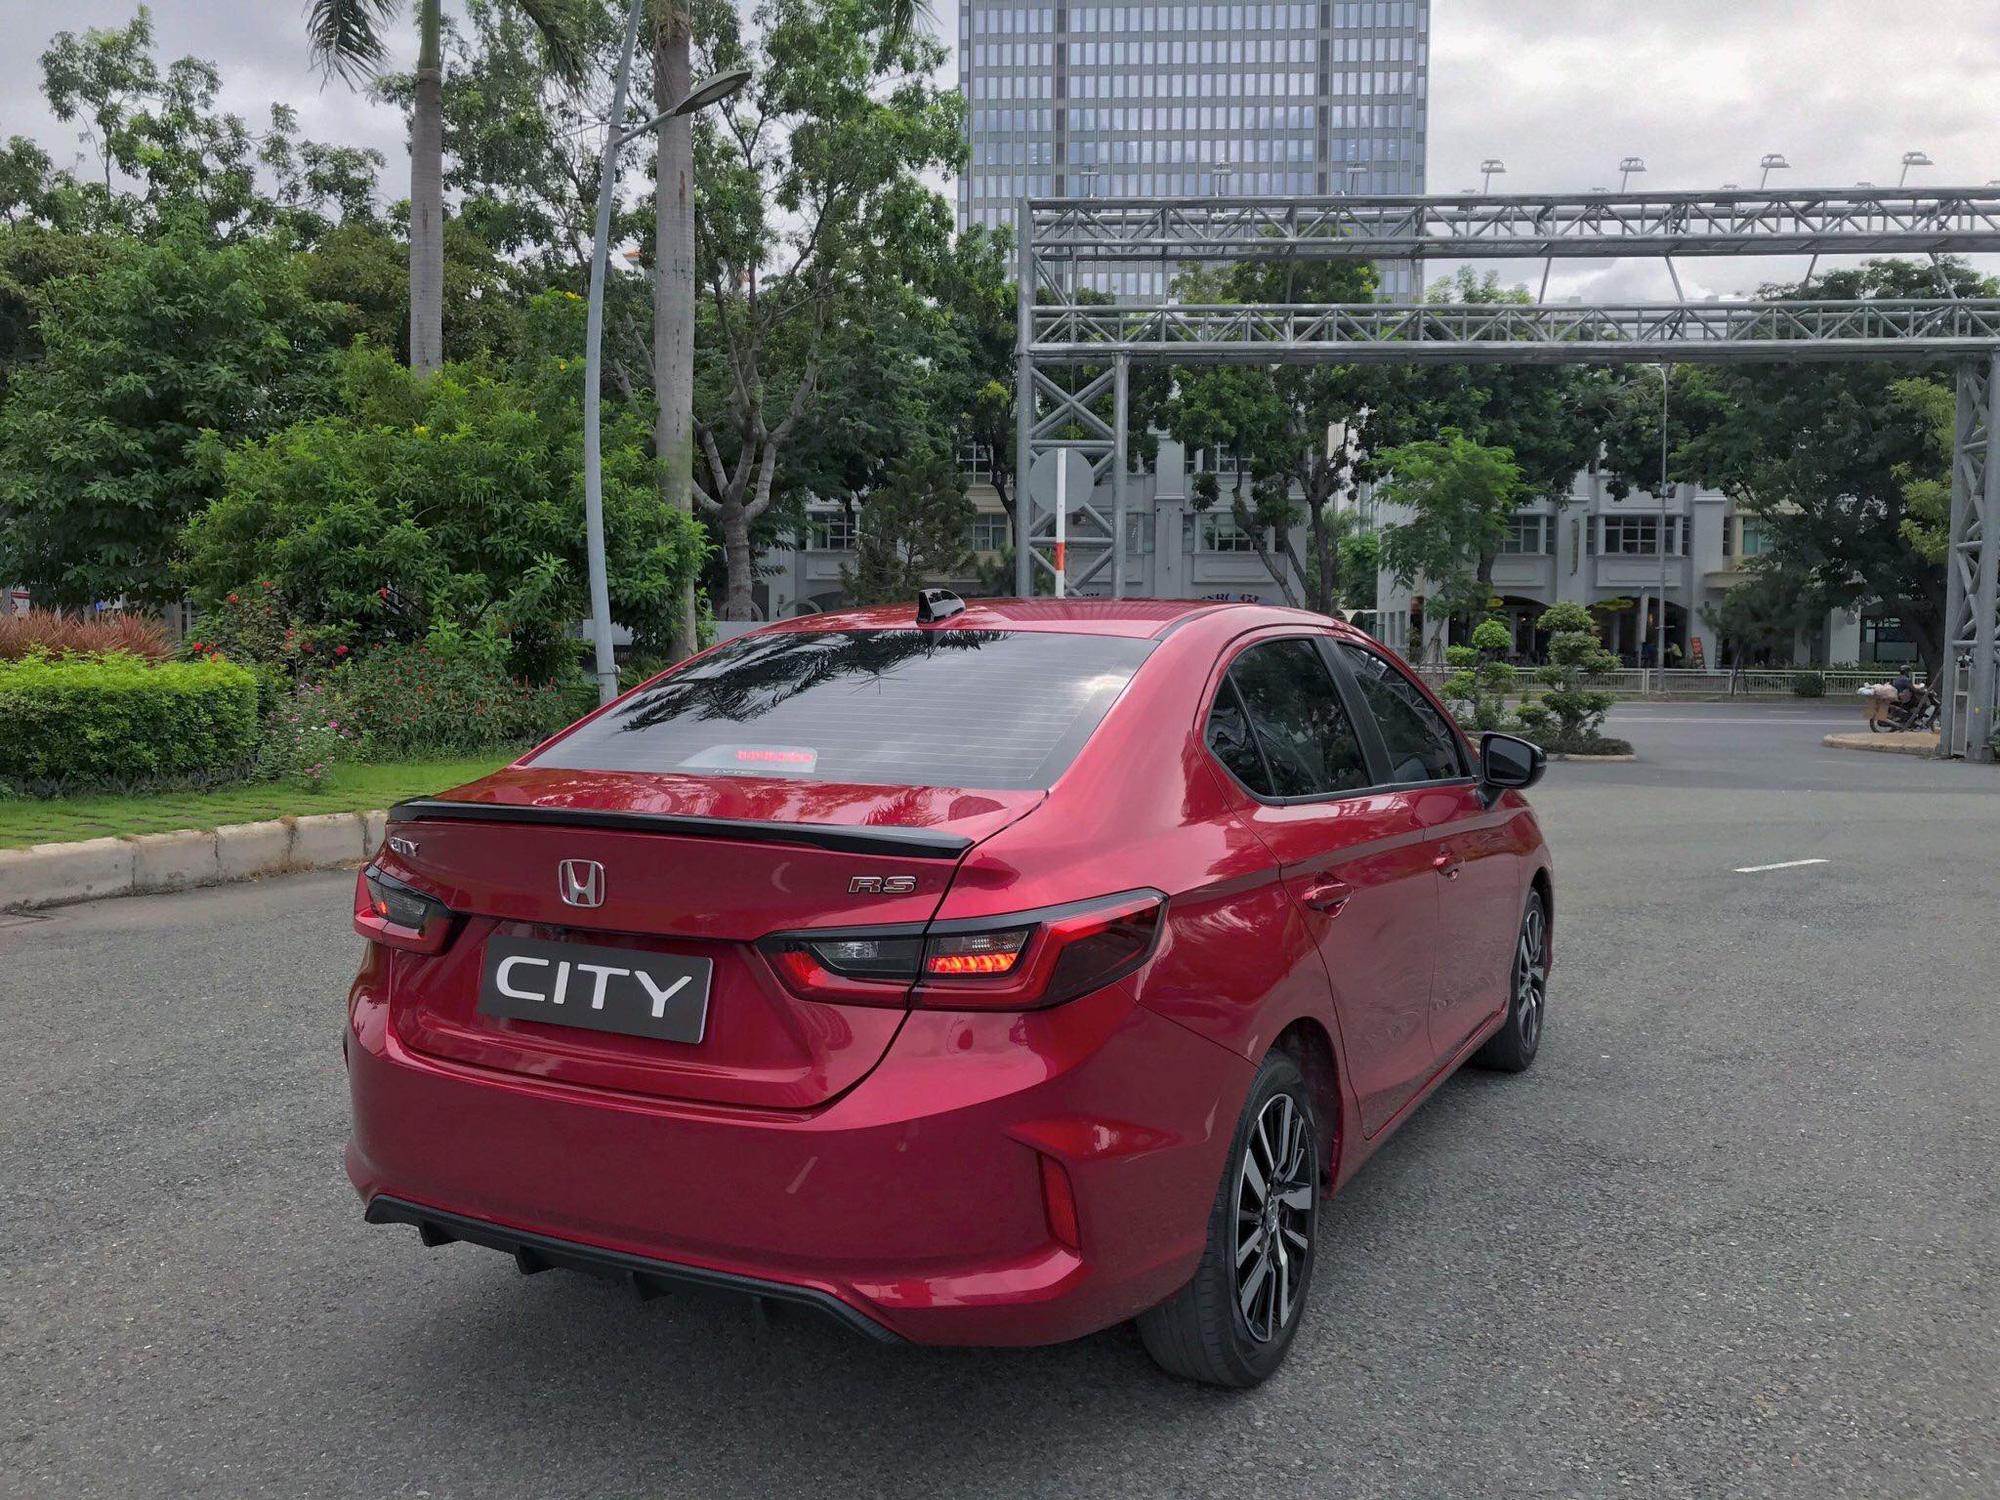 Honda City RS từng lộ diện trên đường phố Sài Gòn.